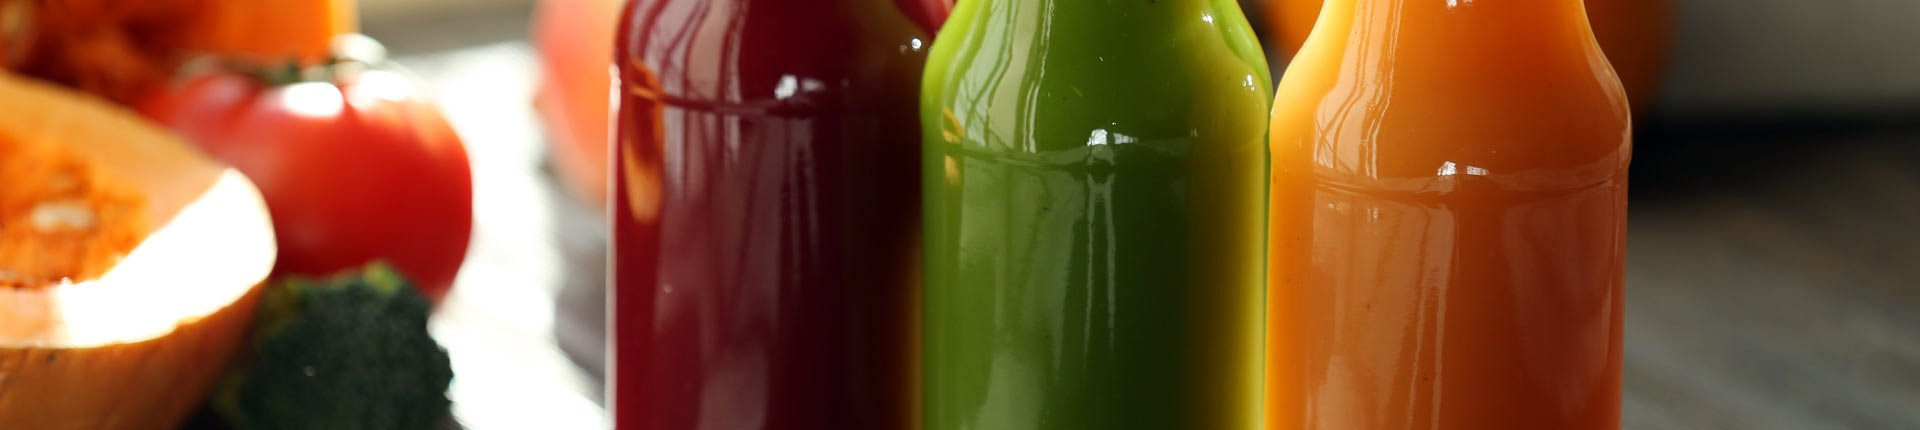 Czy soki owocowe mogą powodować raka?